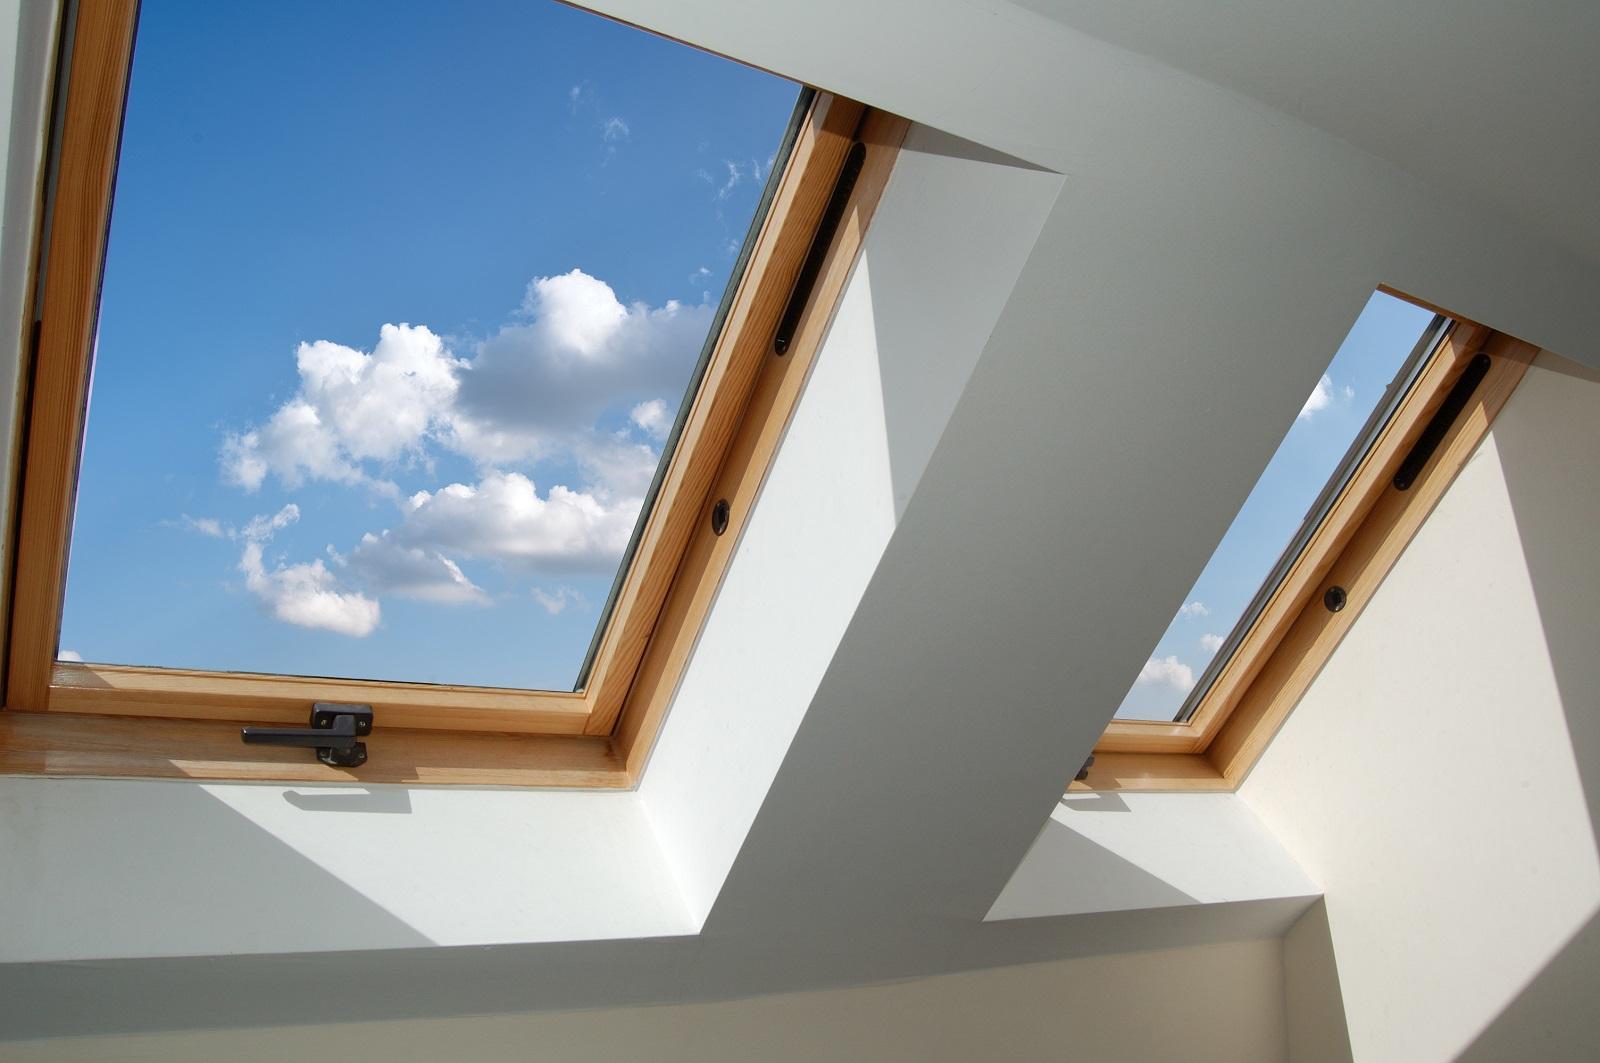 3 zalety okien dachowych